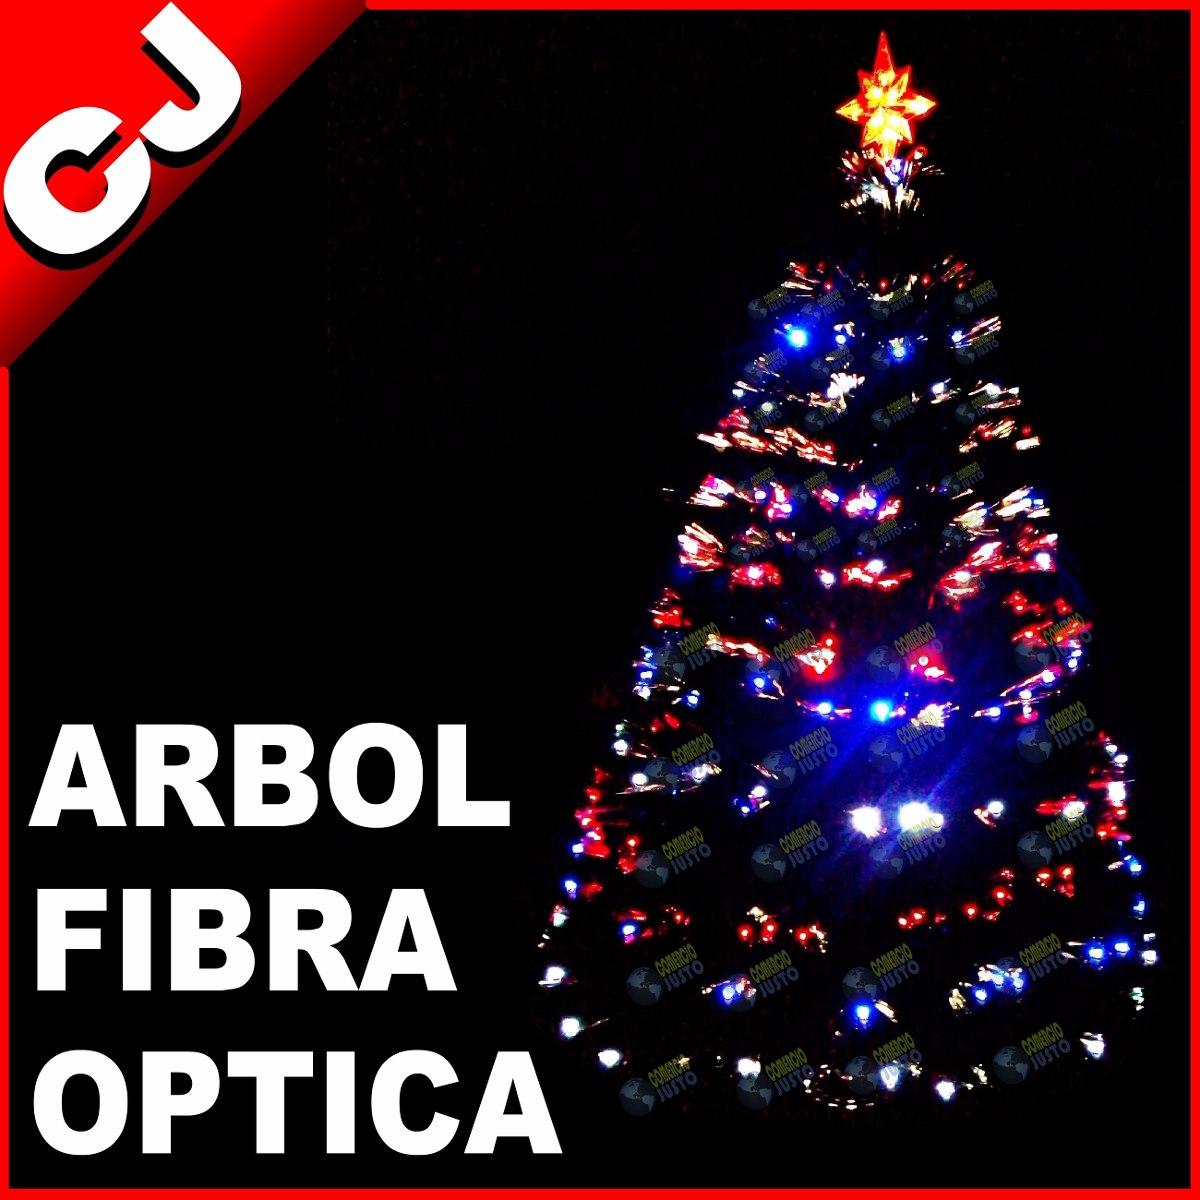 Arbol verde 180 fibra optica y luces led integradas navidad 1 en mercado libre - Luces arbol de navidad ...